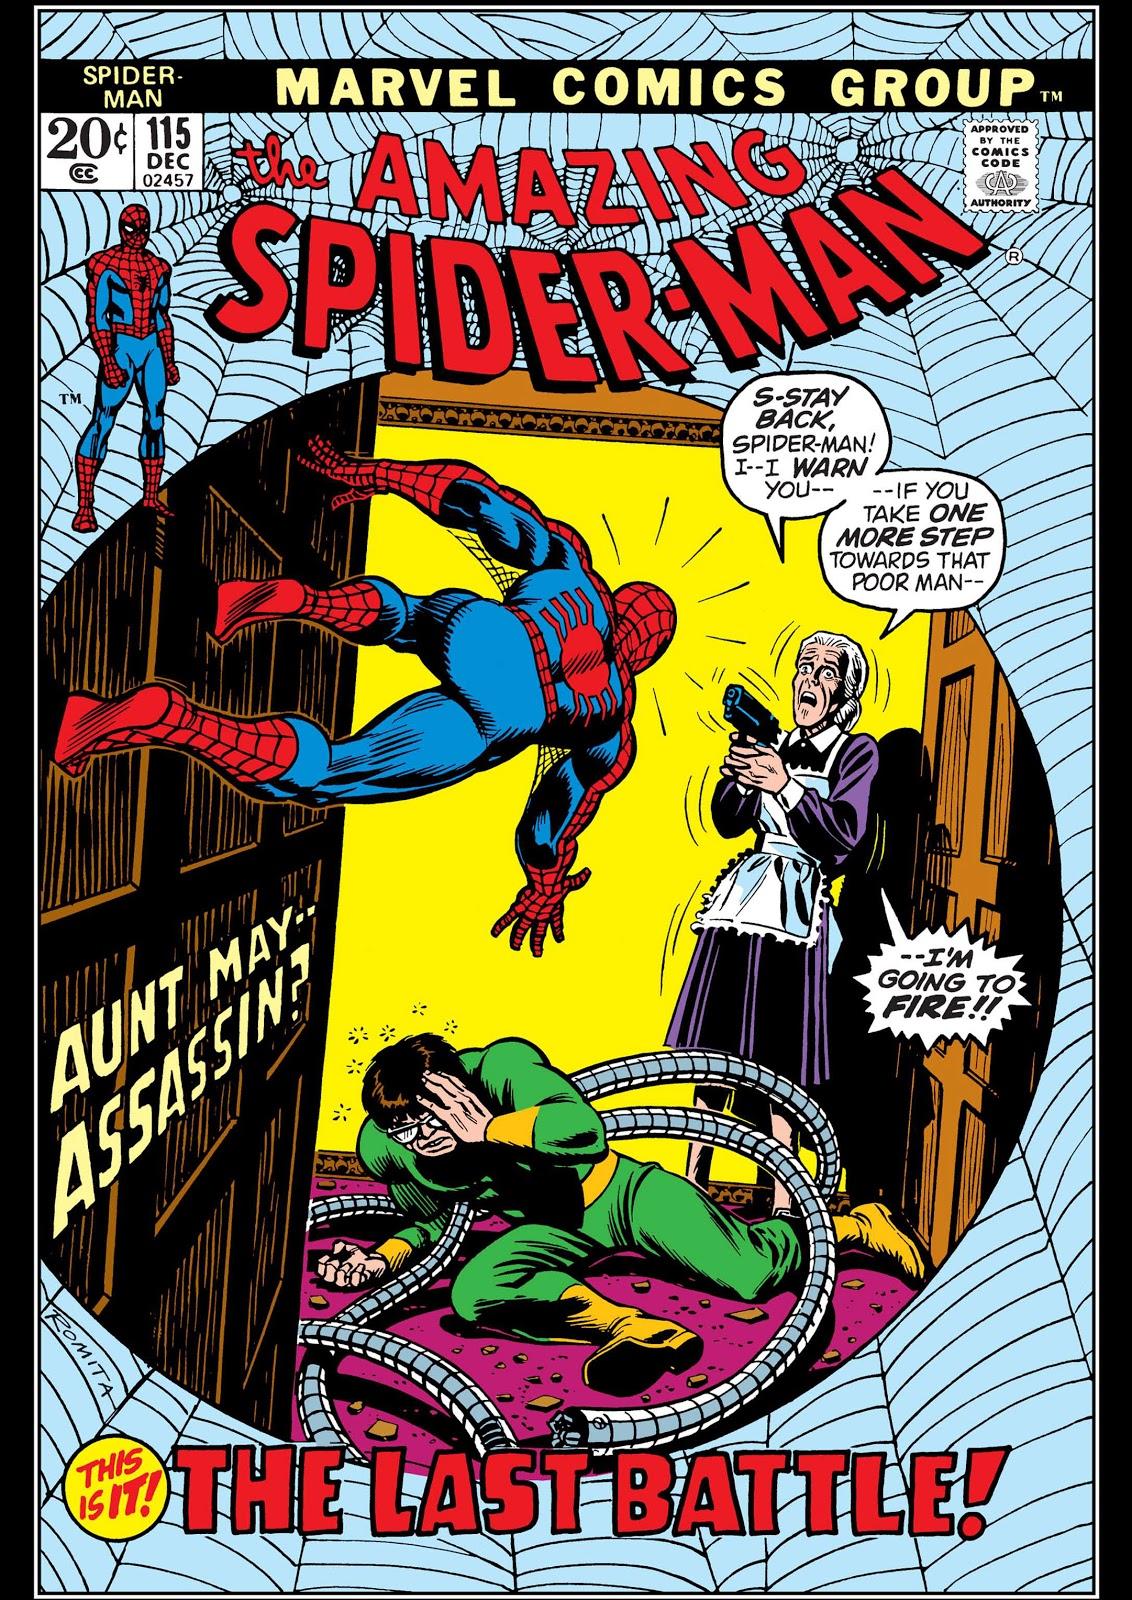 Amazing Spider-Man Vol 1 115